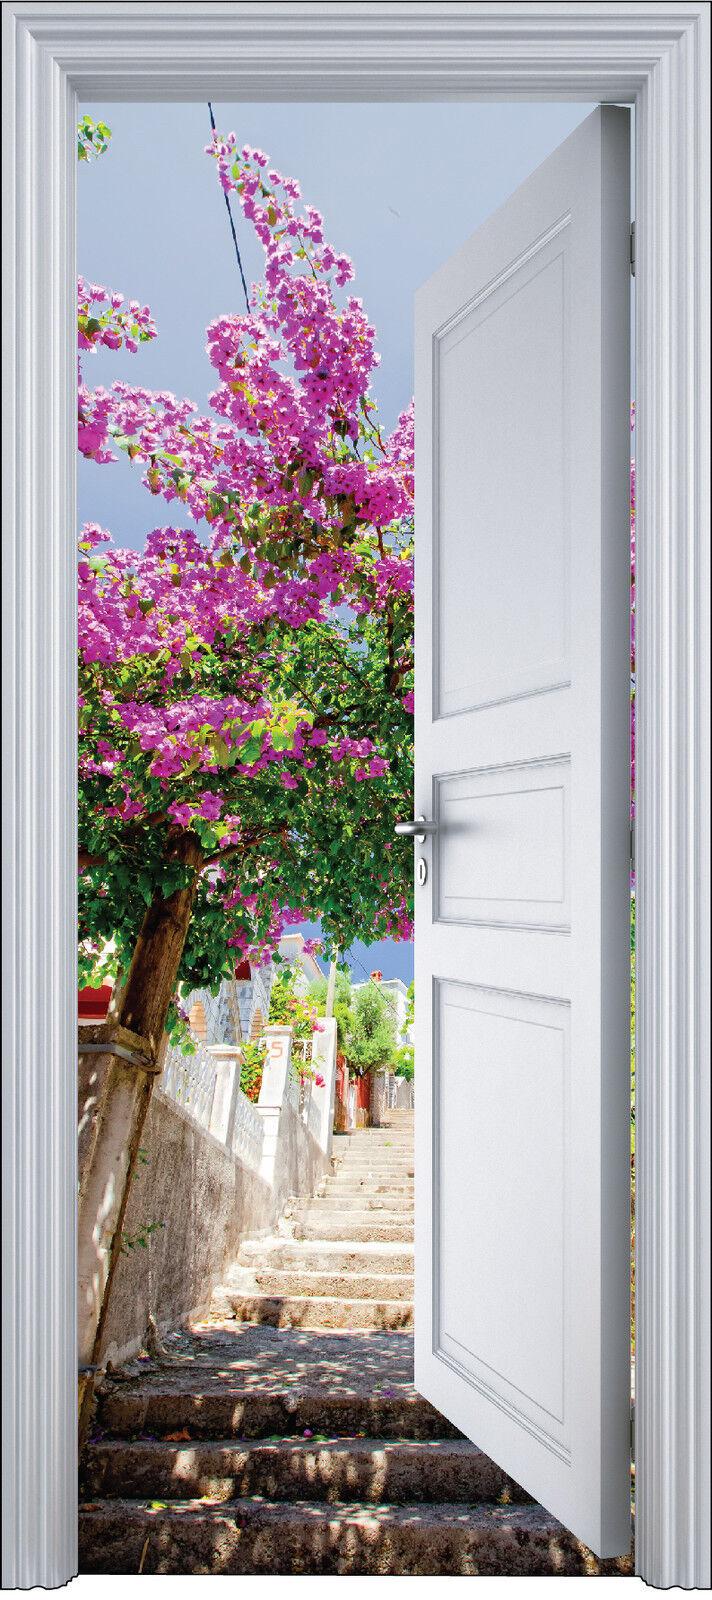 Aufkleber Tür Schein Auge Deko Treppe Blaumig 90x200 cm Ref 2123